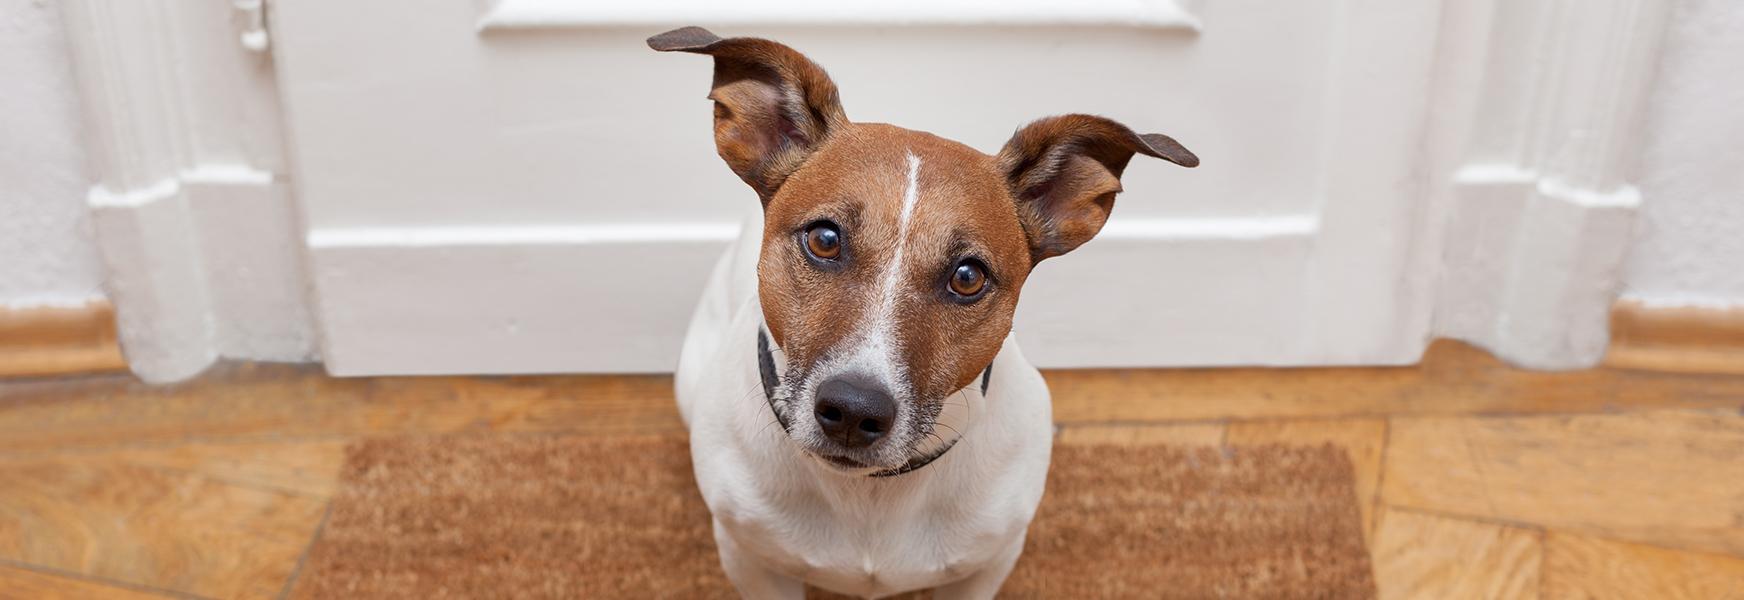 Dog sitting by doorway